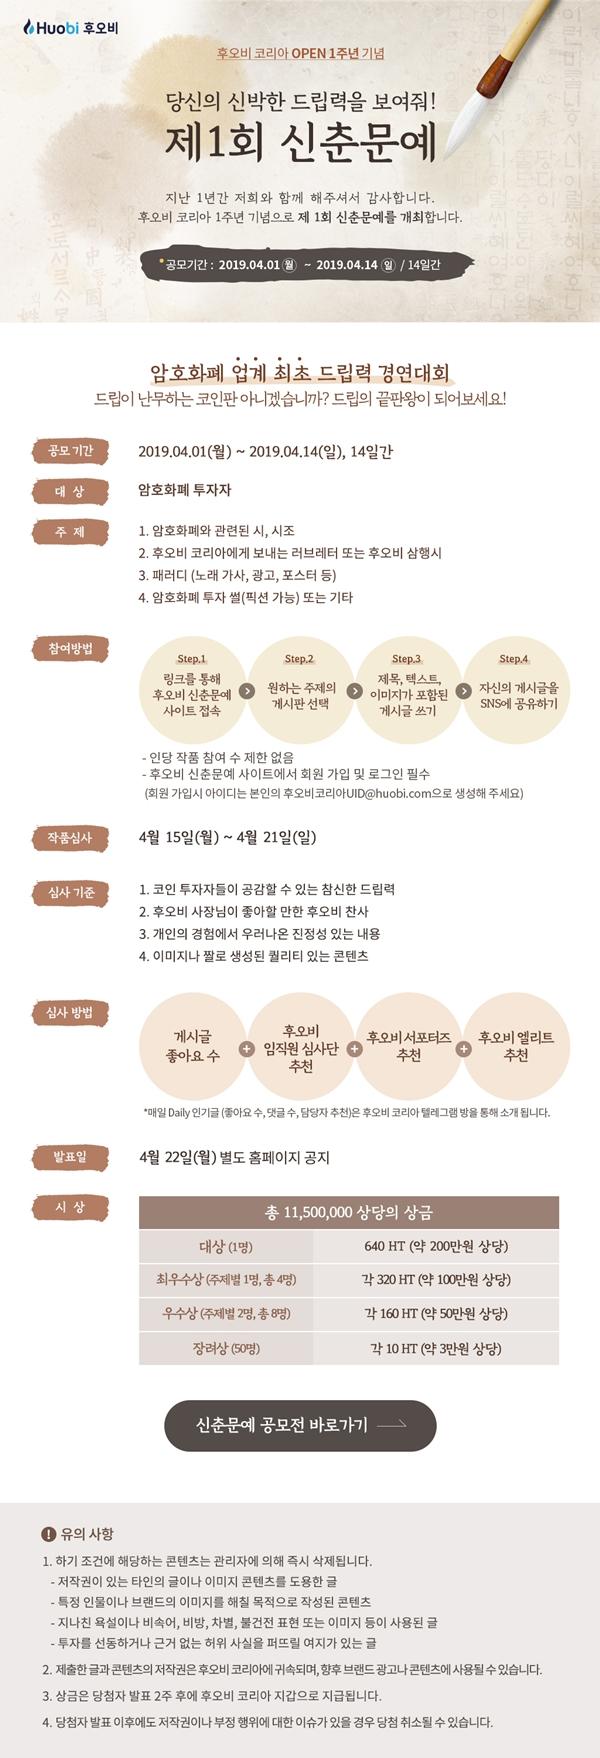 후오비 코리아 신춘문예.jpg